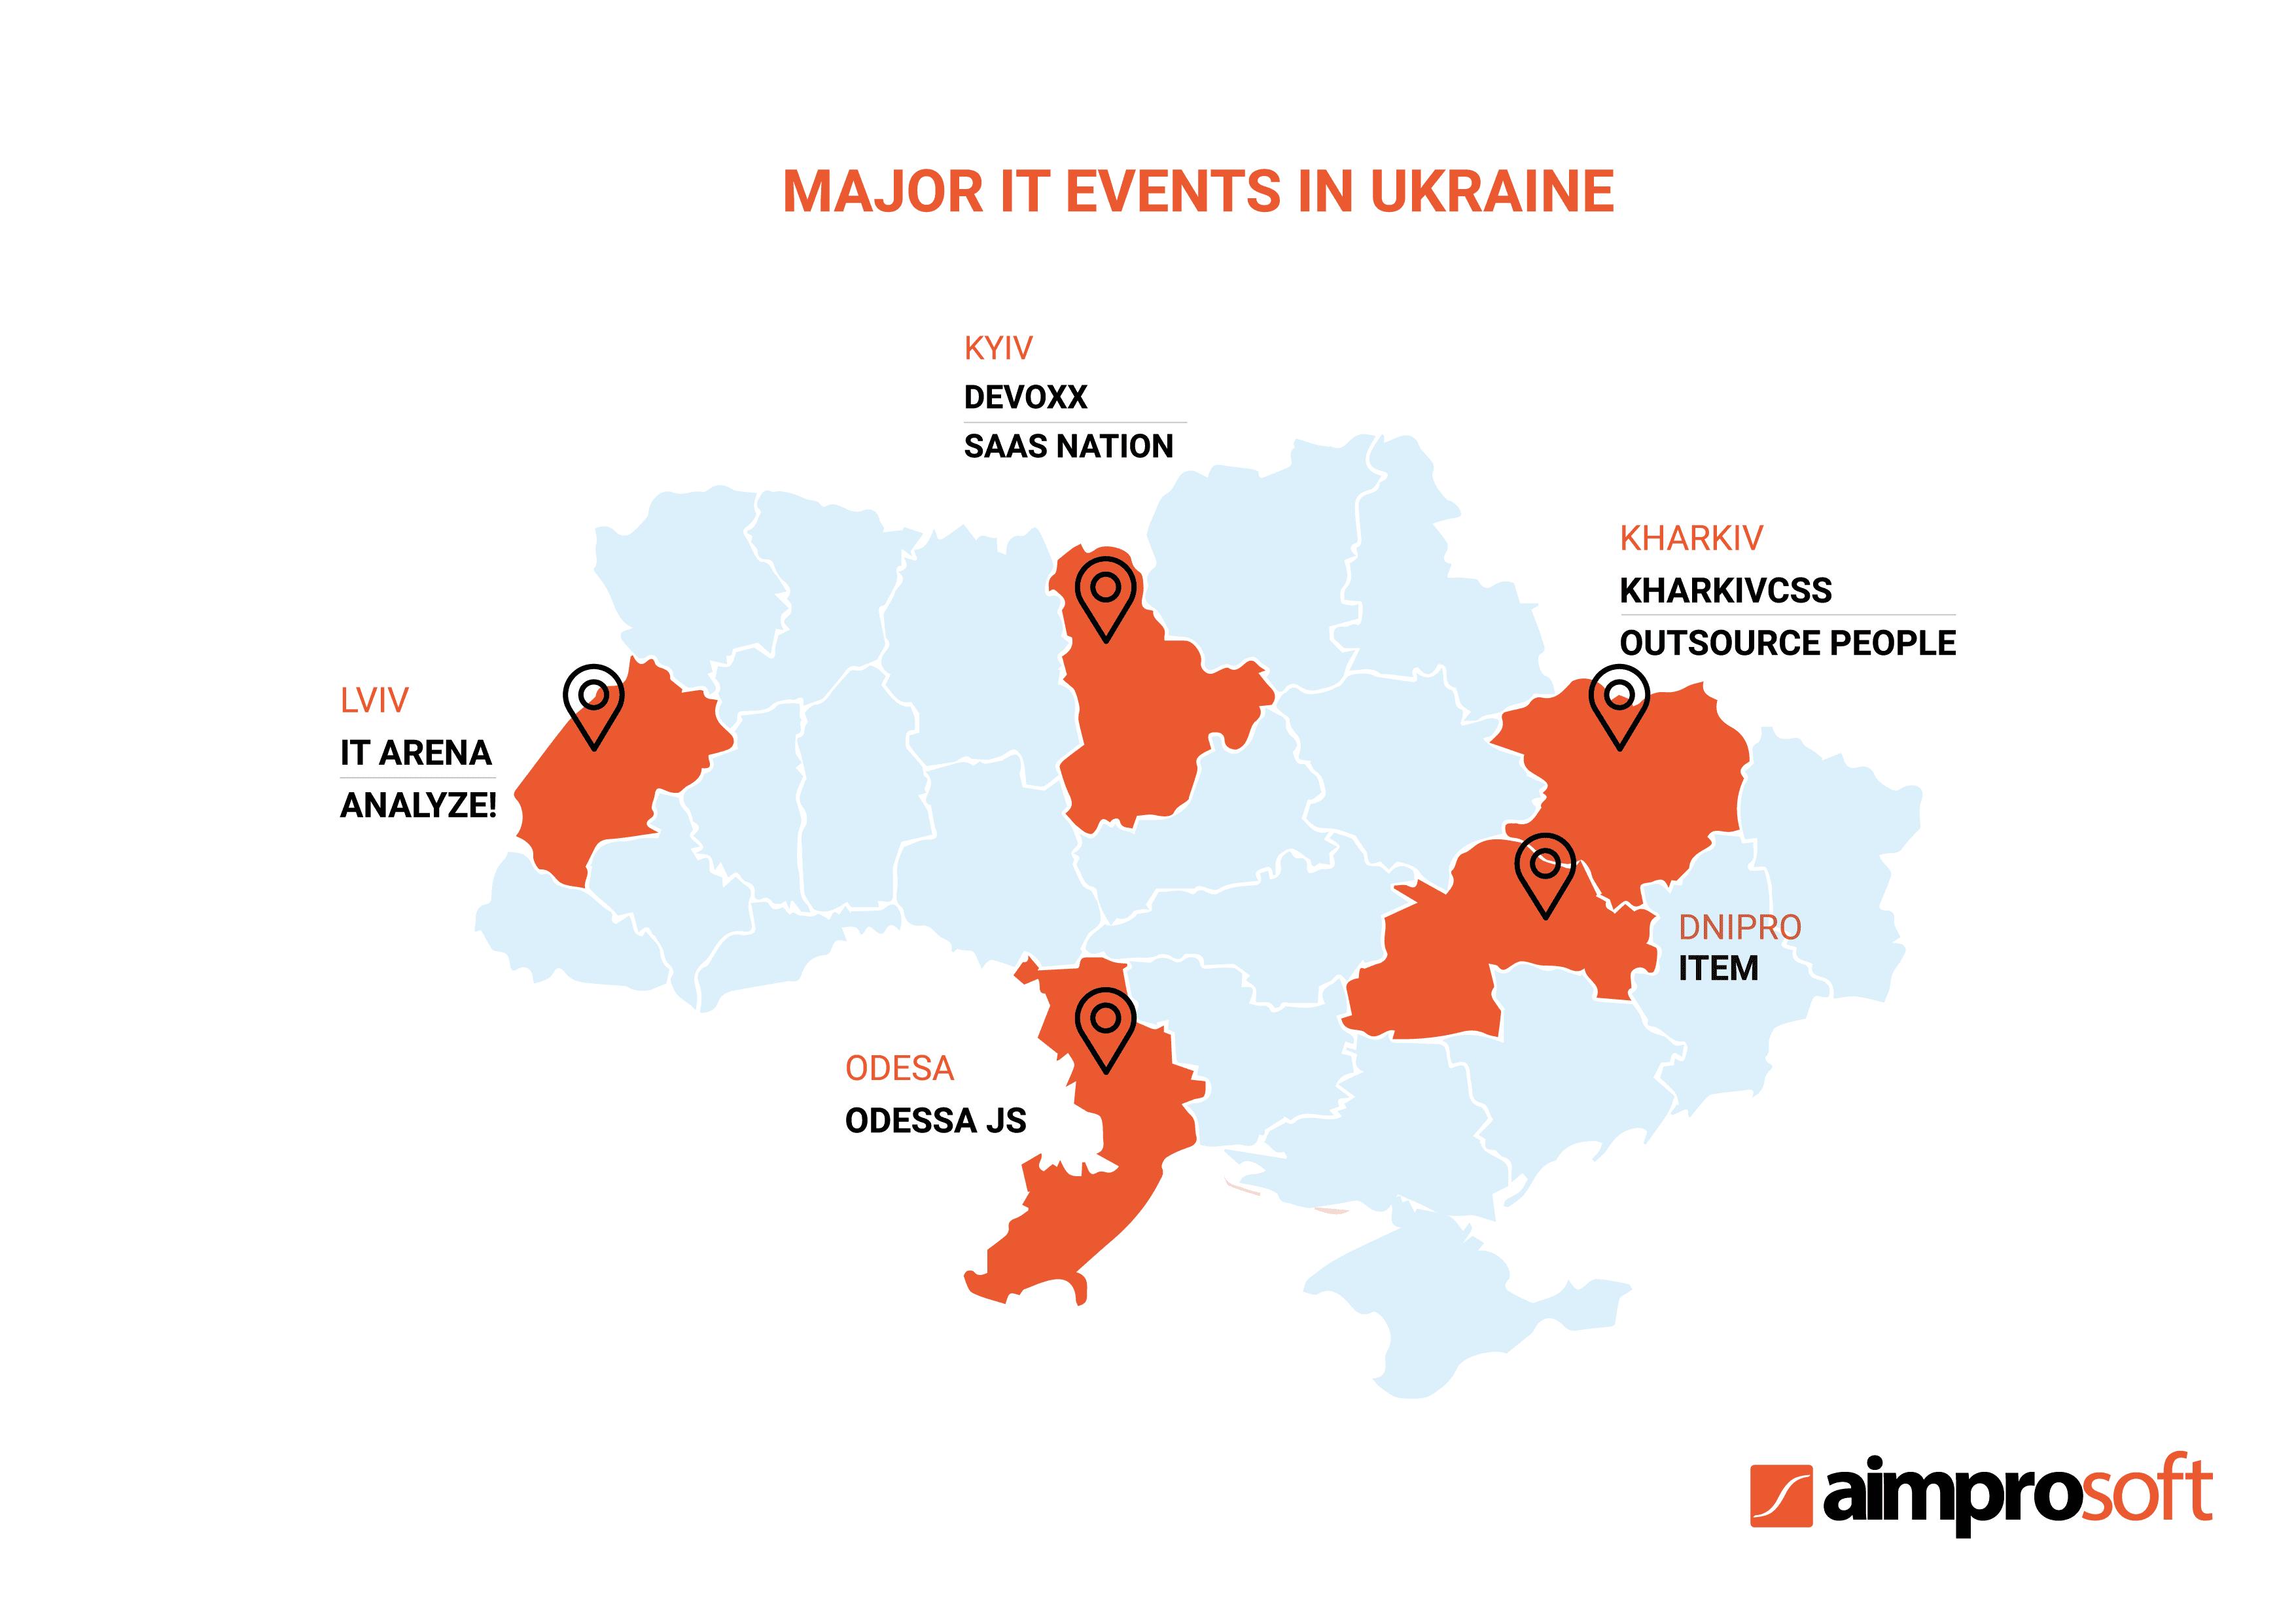 Major IT events in Ukraine